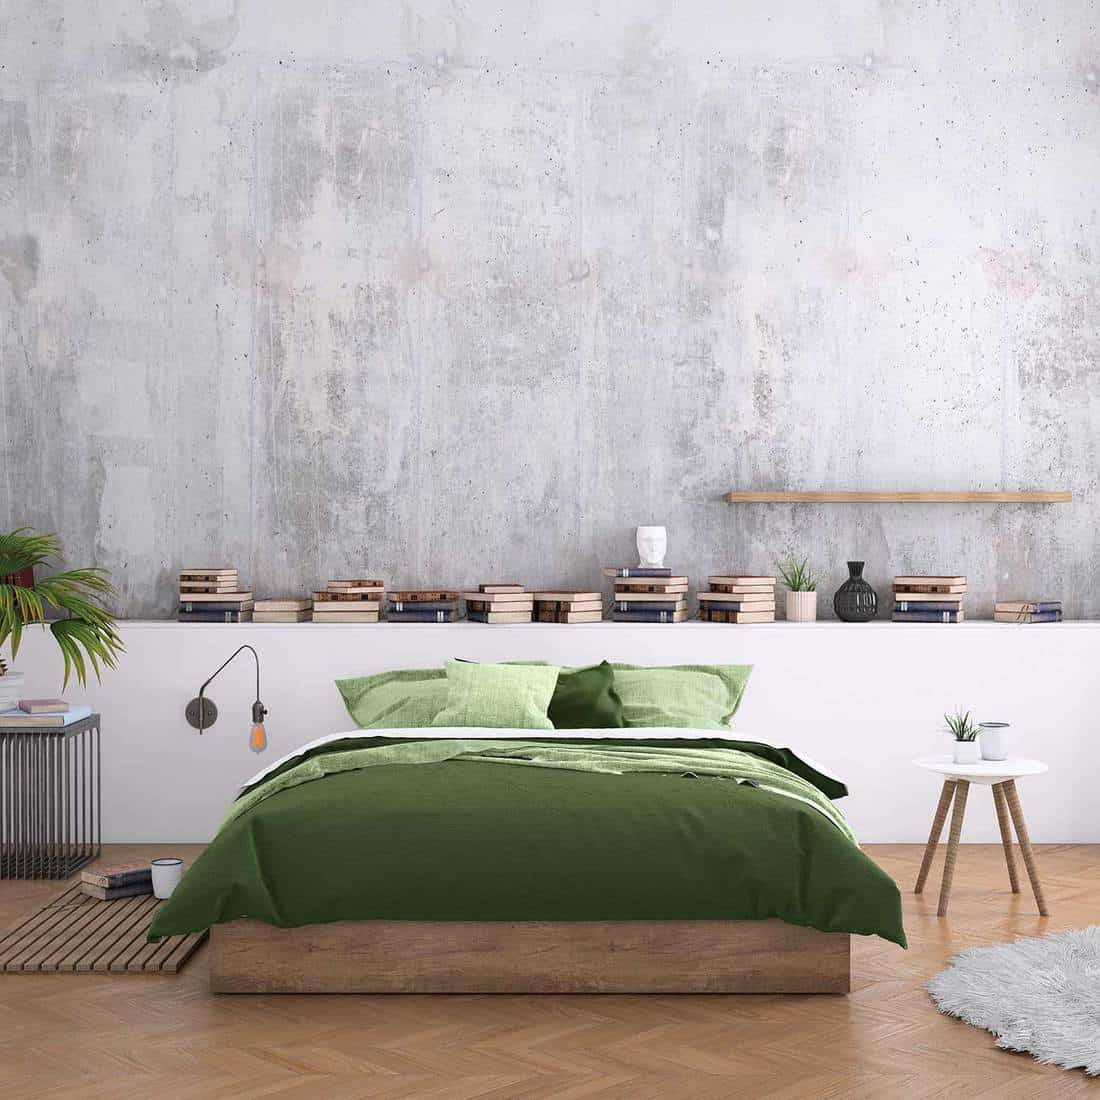 Scandinavian minimalist bedroom with green bed and parquet flooring